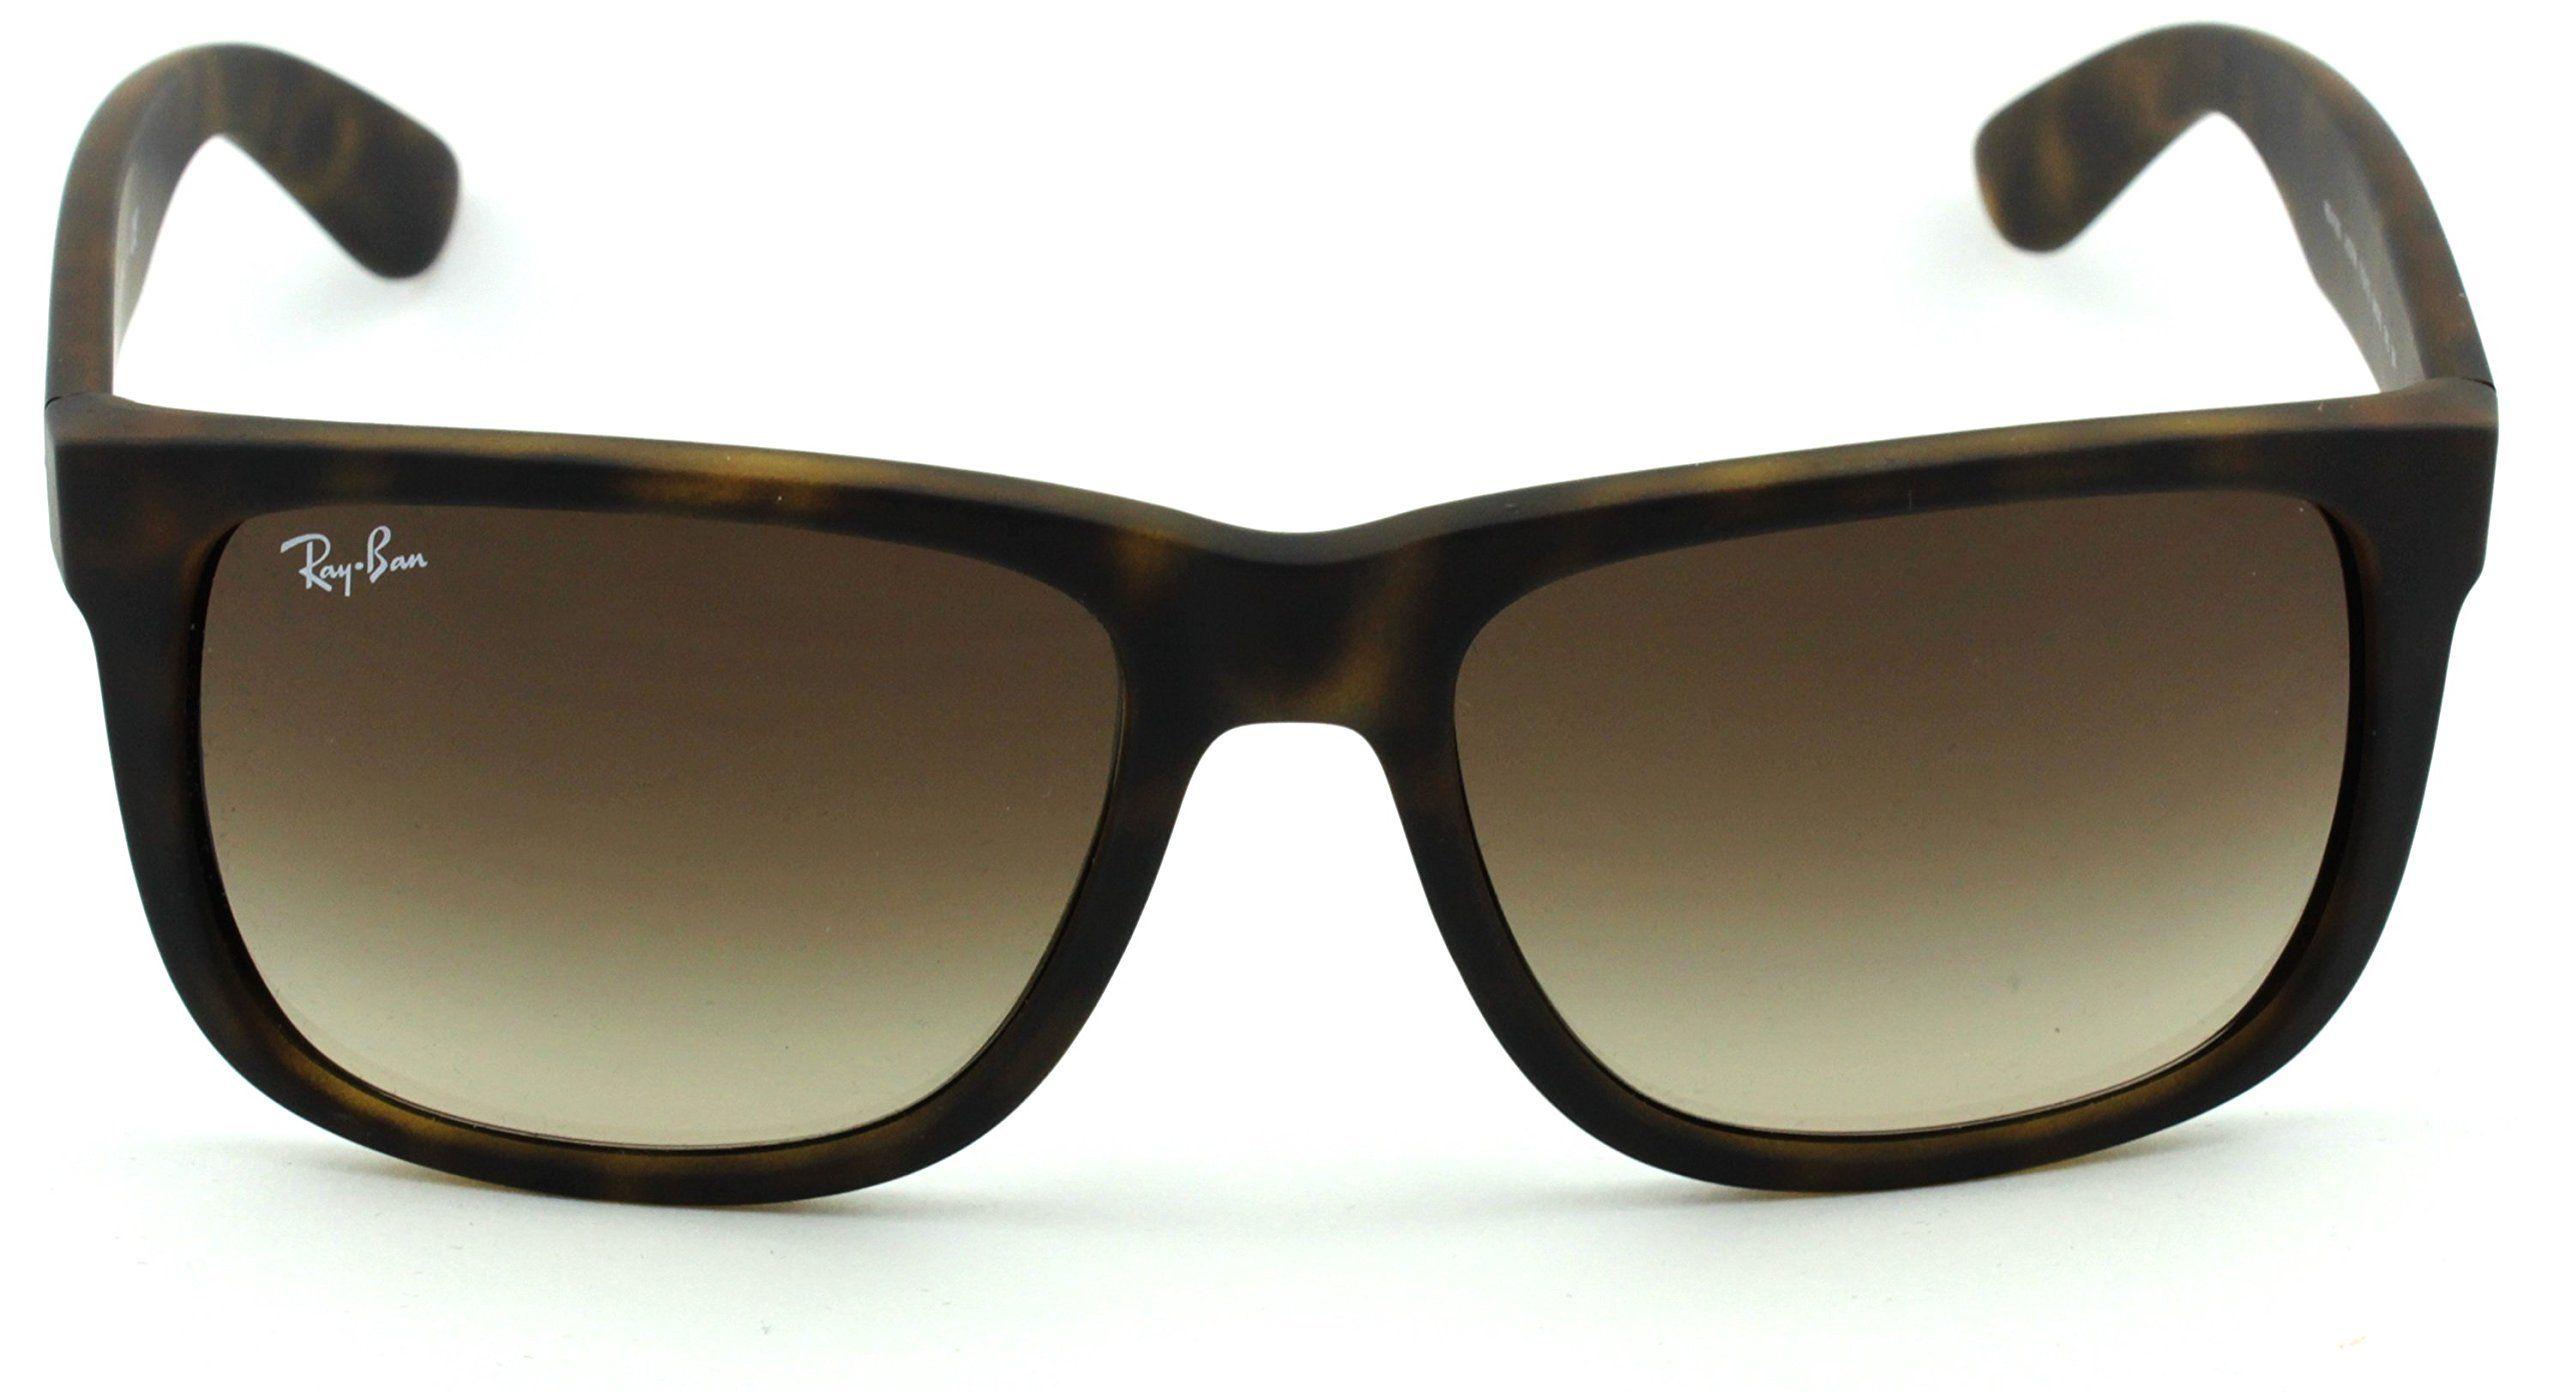 6b60668891 RayBan RB4165 Unisex Rectangular Sunglasses Rubber Light Havana Frame Brown  Gradient Lens 710 13